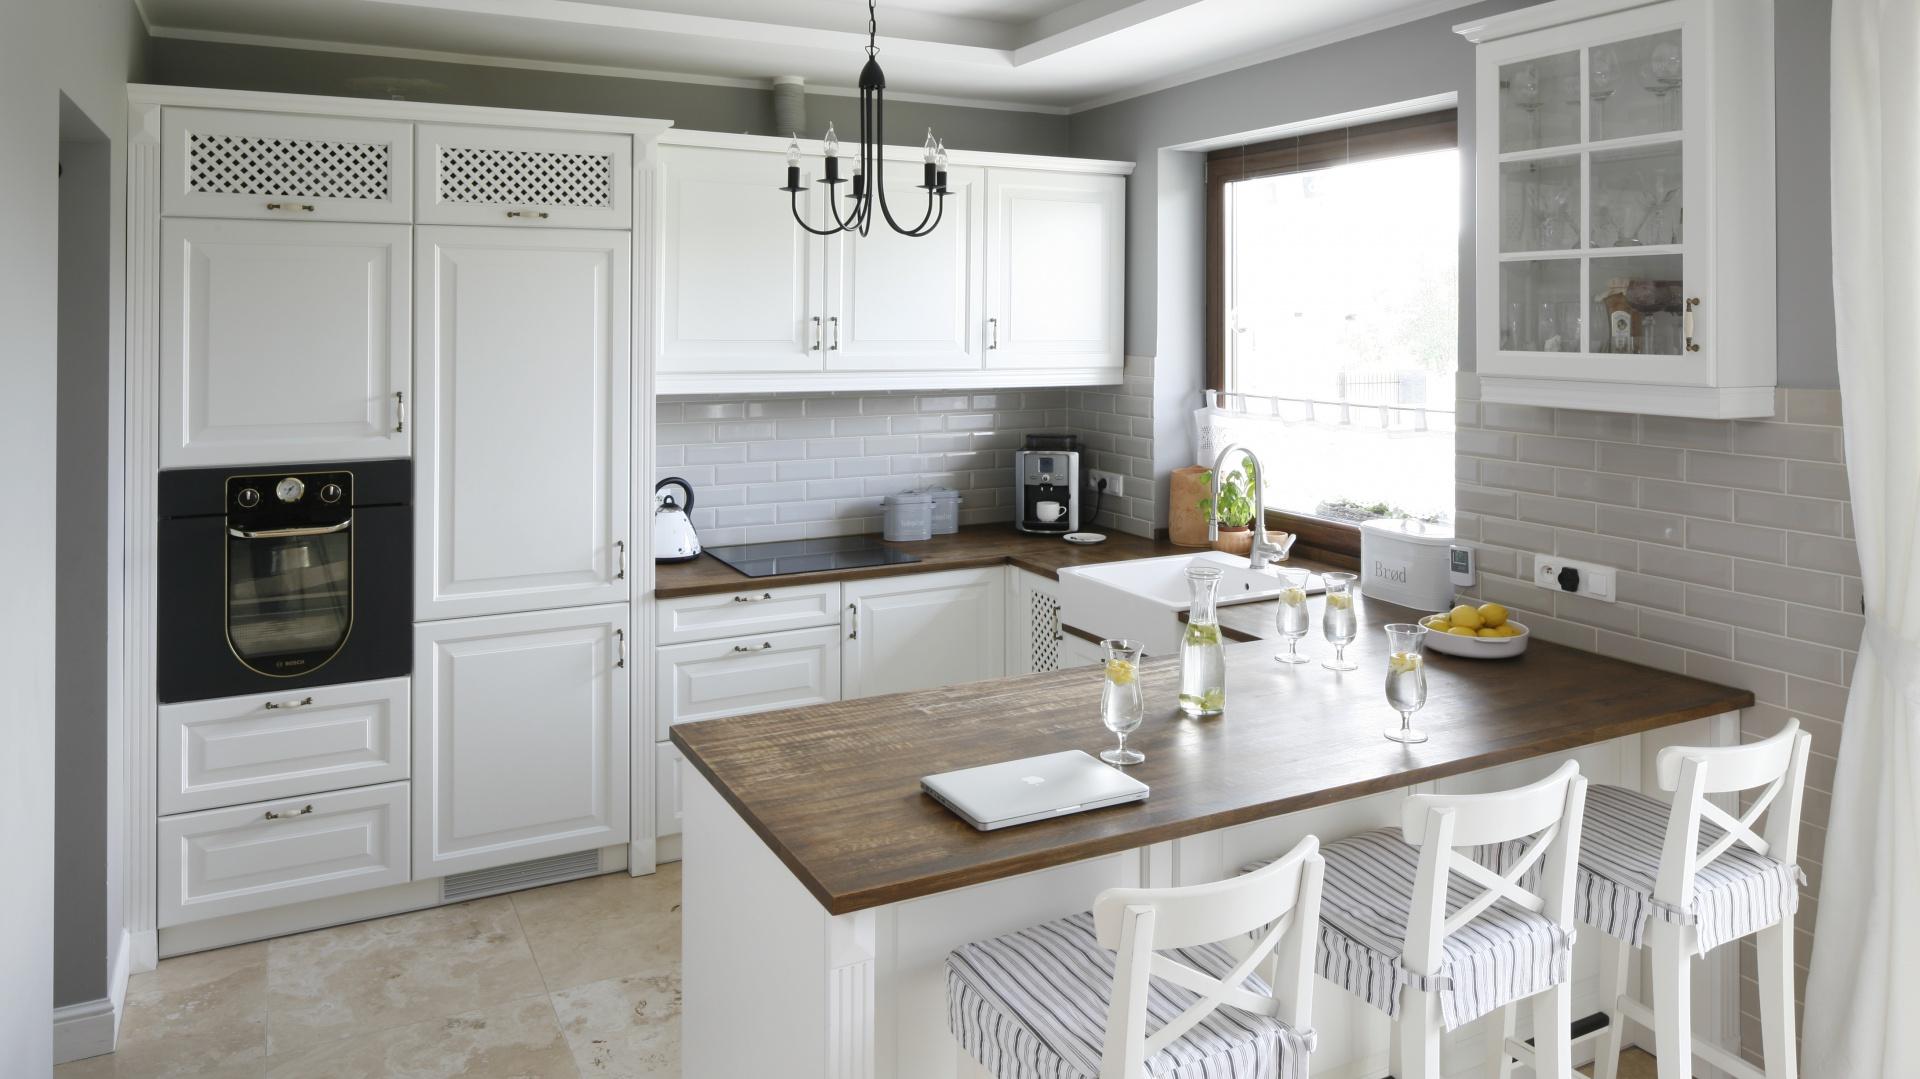 kuchnia w stylu angielskim g243rna zabudowa w kuchni